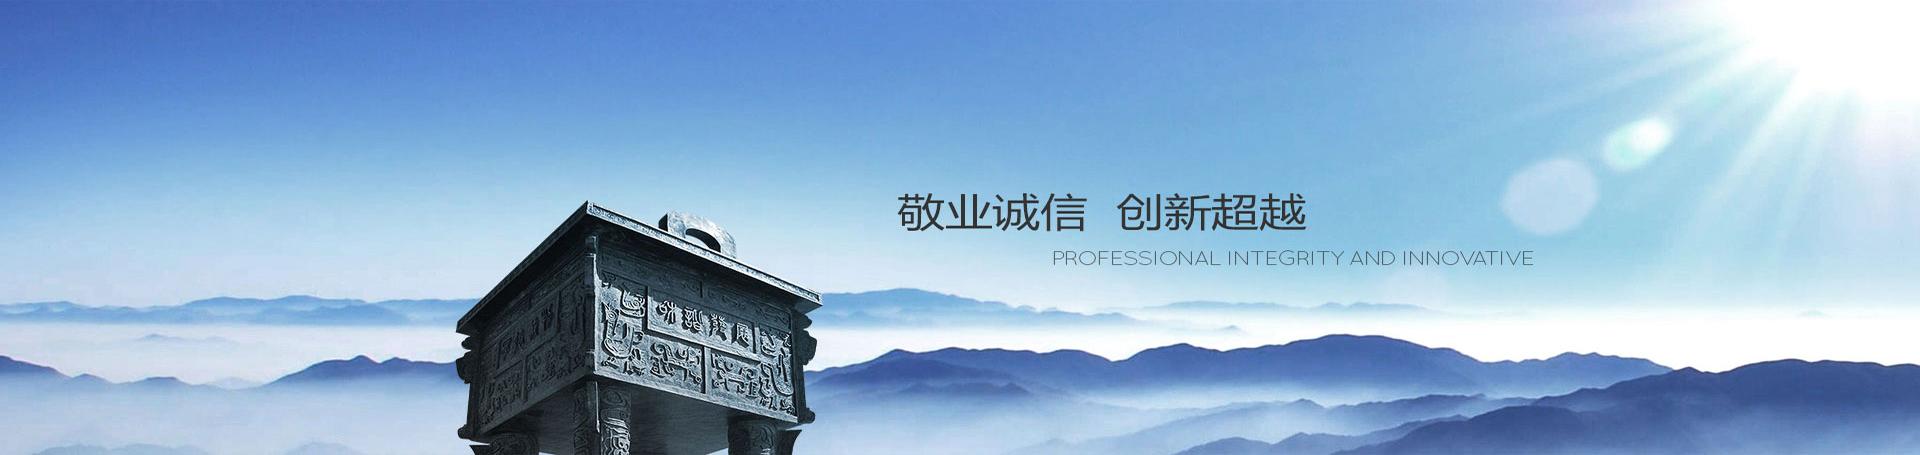 华锐净化banner